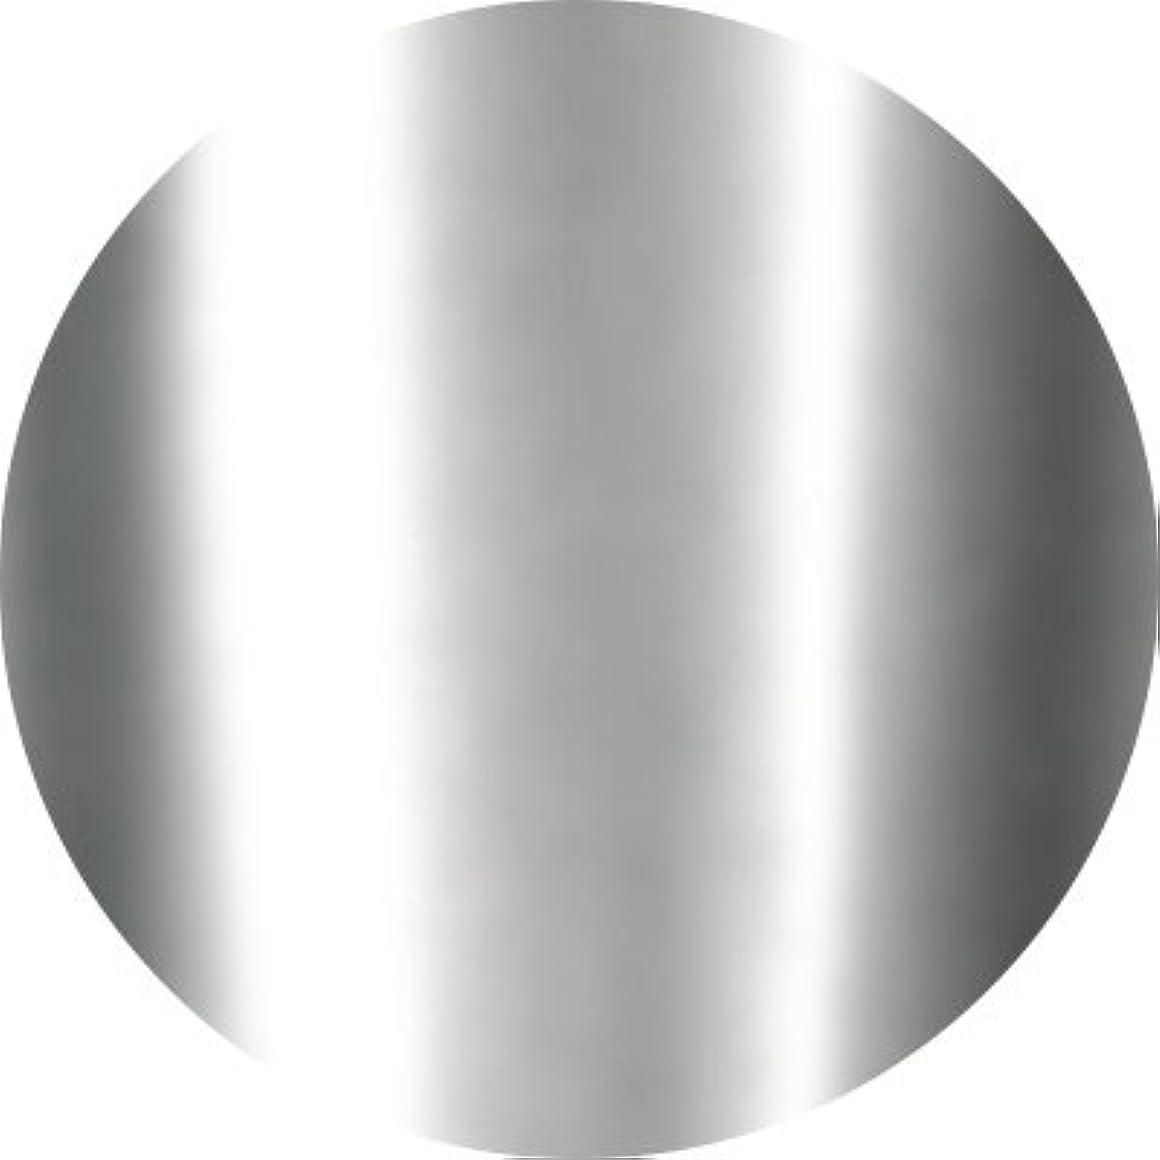 不良扇動する着替えるJewelry jel(ジュエリージェル) カラージェル 5ml<BR>ピッカピカメタリック MKシルバー